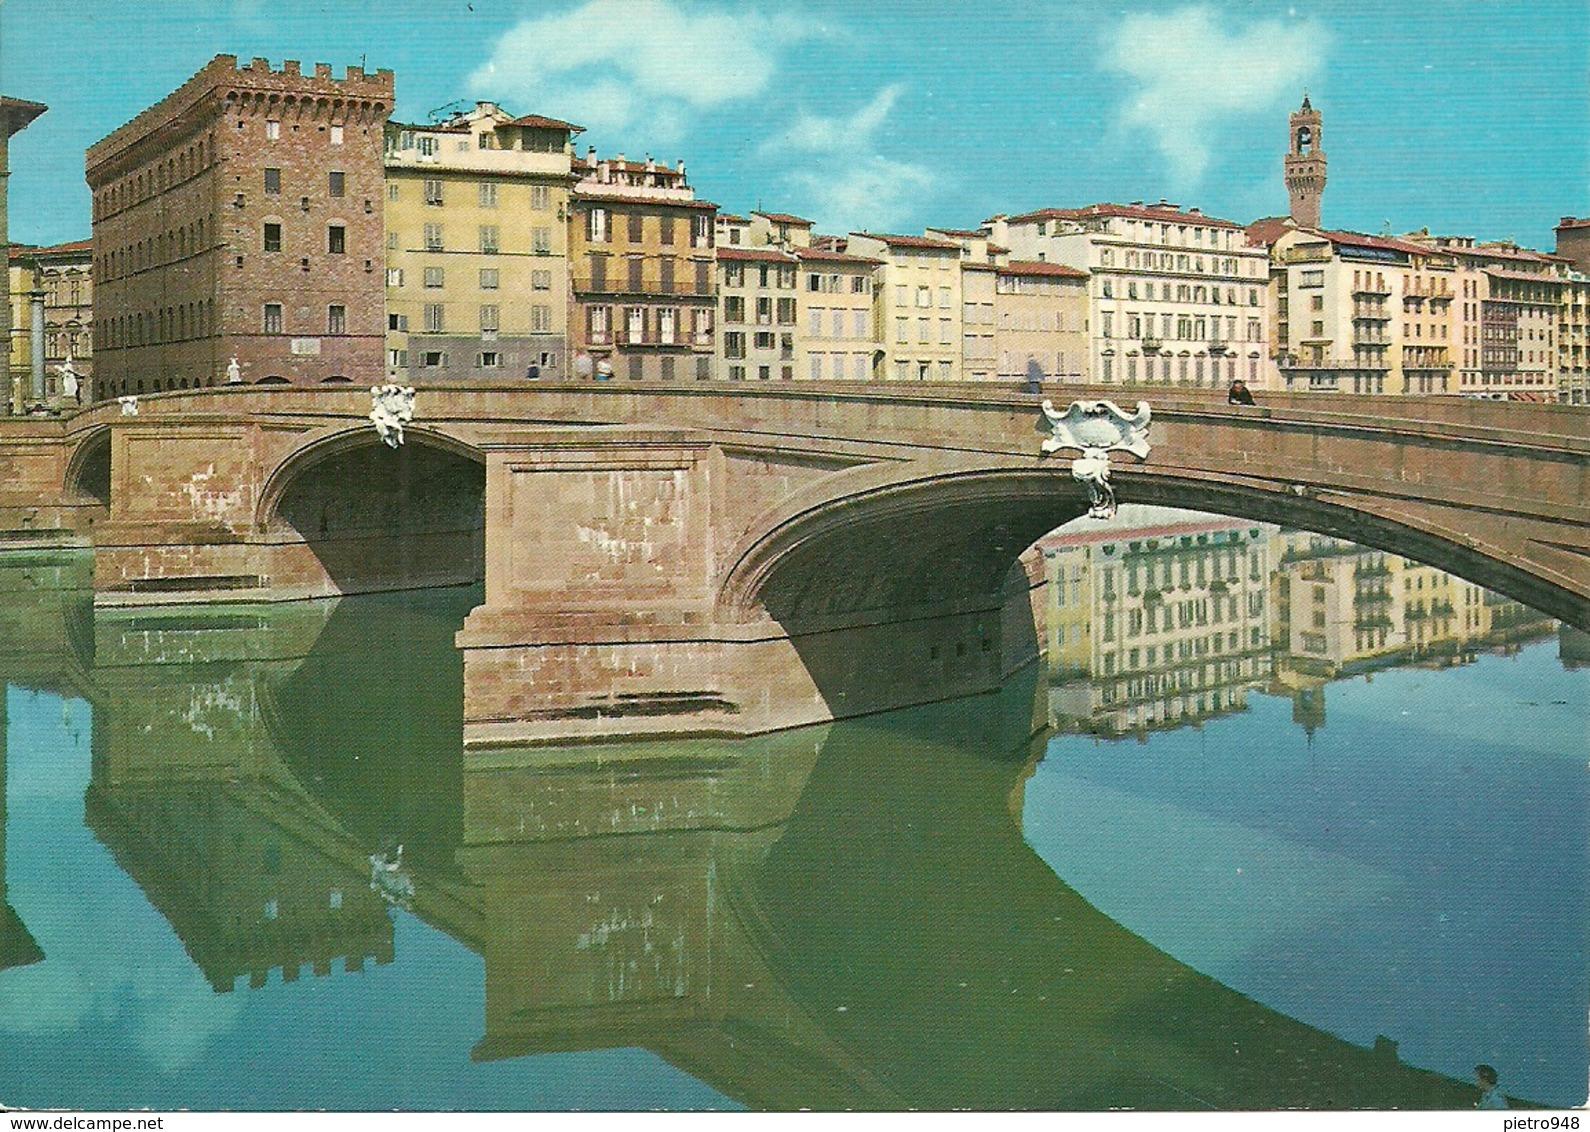 Firenze (Toscana) Ponte Santa Trinità, Santa Trinità Bridge, Le Pont Santa Trinità - Firenze